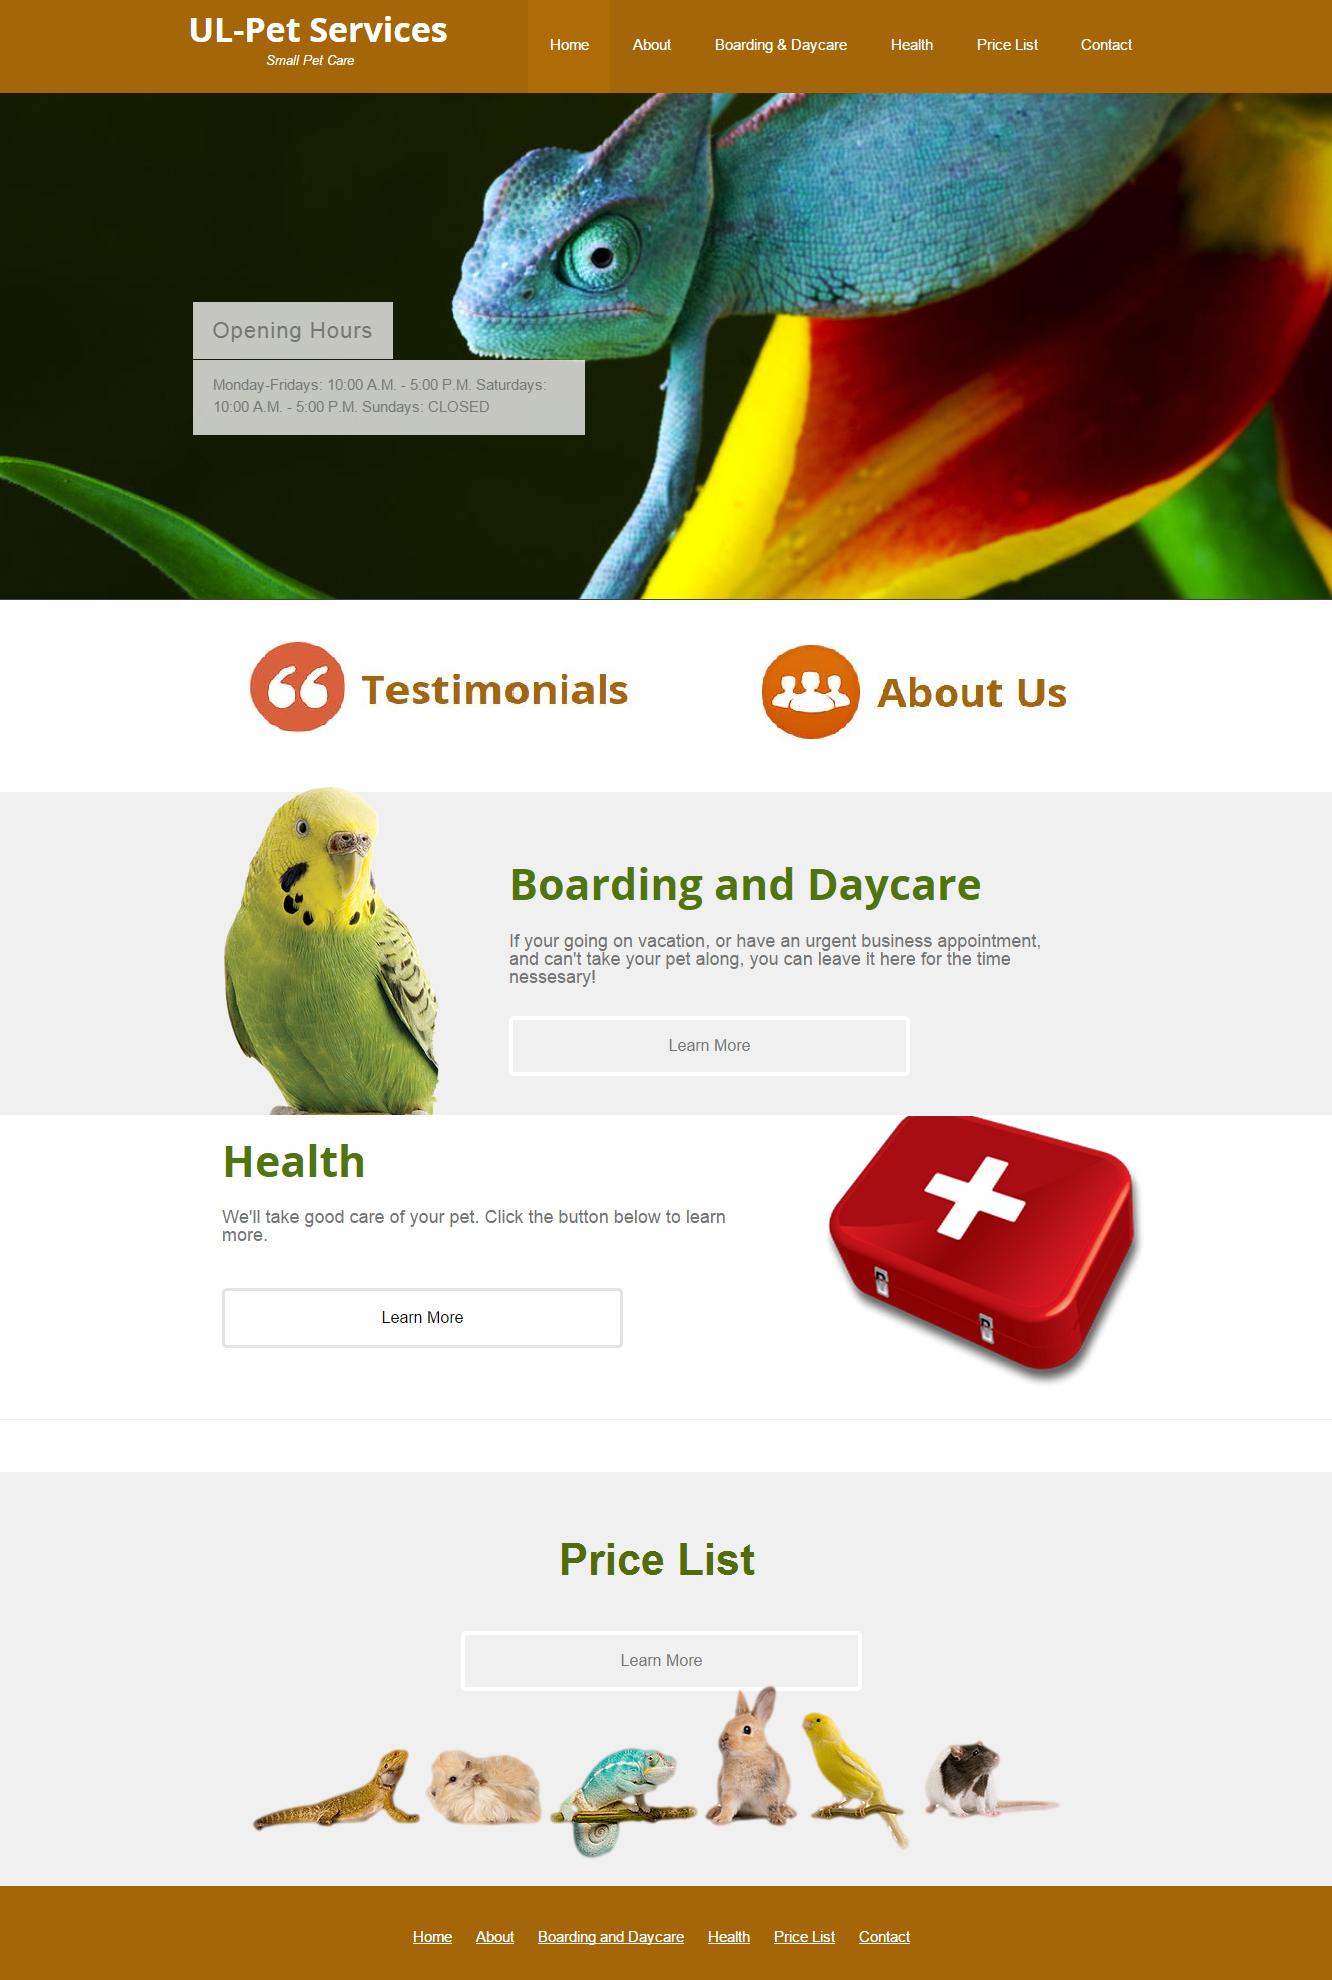 UL-Pet Services